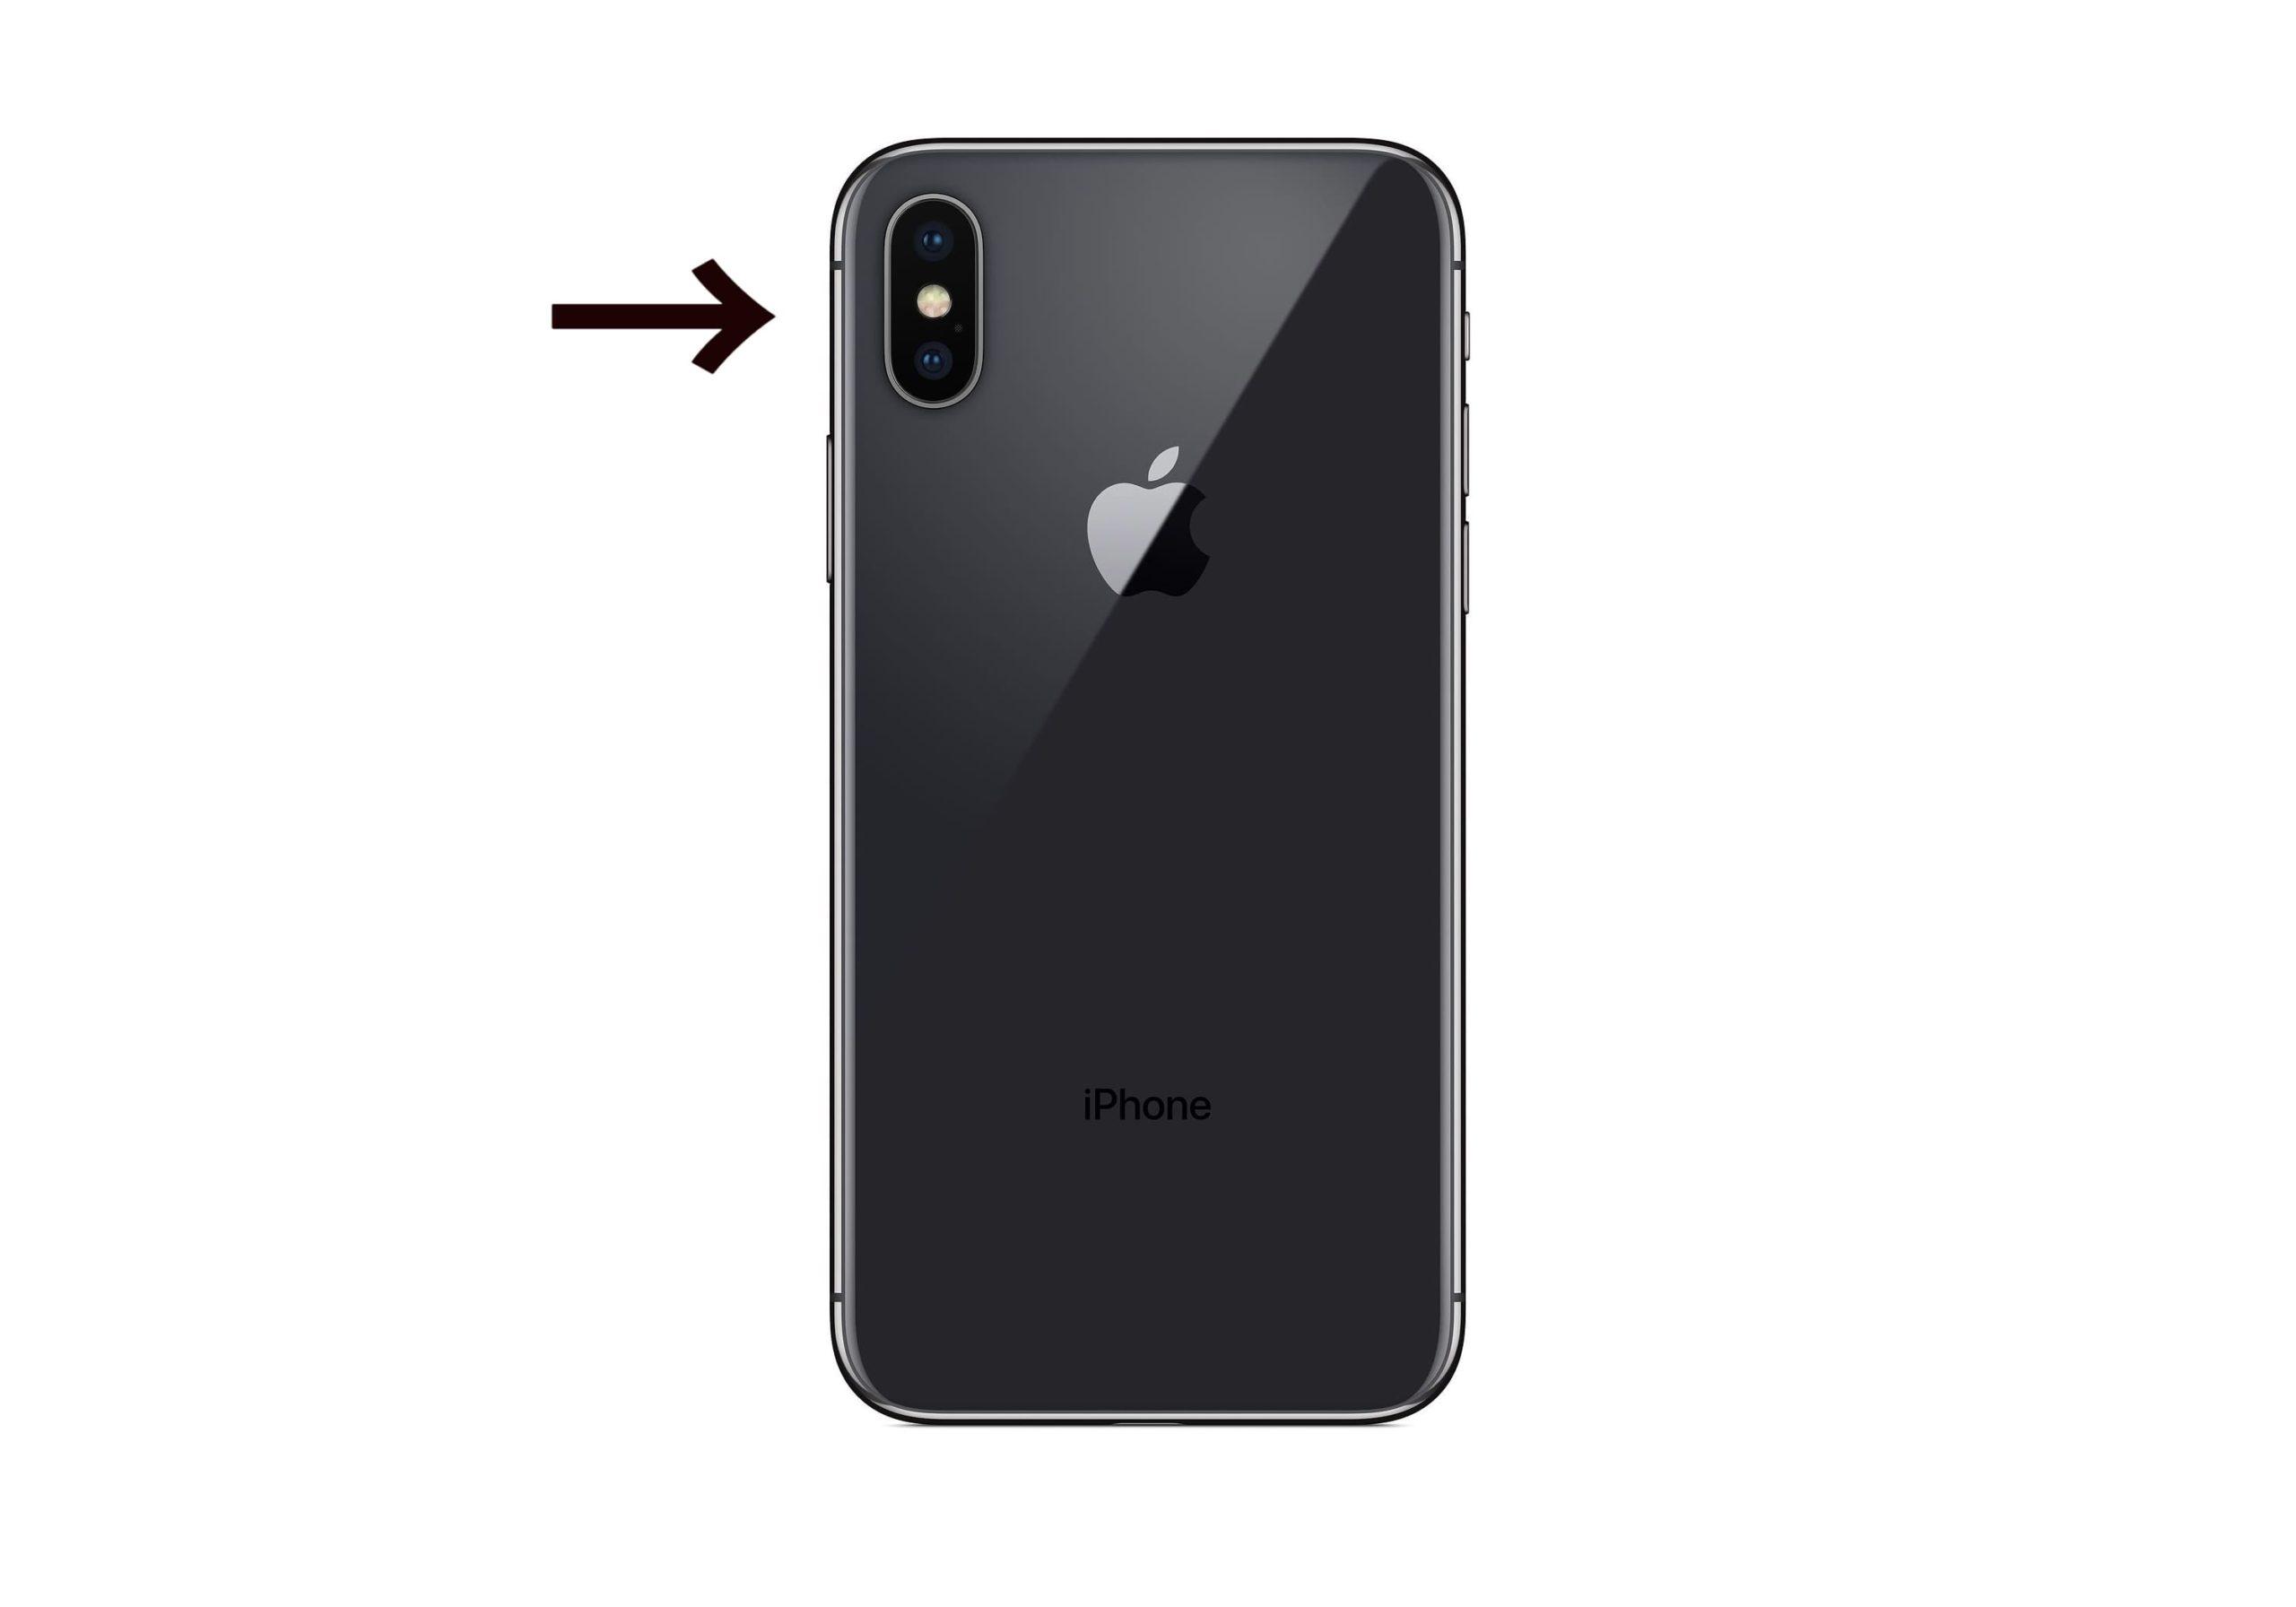 iPhone 背面 フラッシュ通知